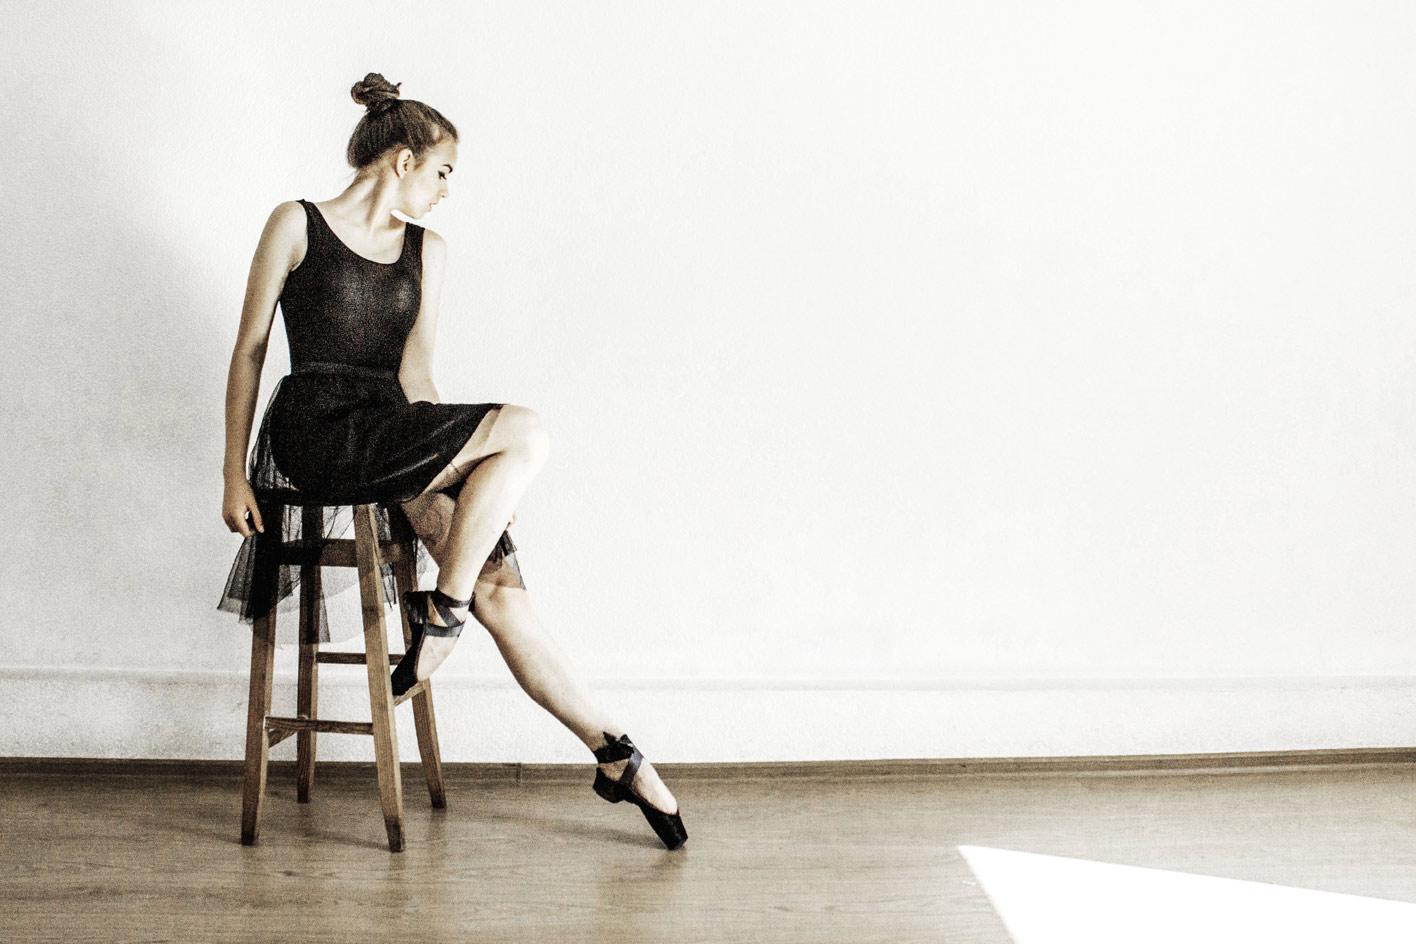 撮影会社が考える、バレエの舞台写真撮影をキレイにするためのポイント4つ